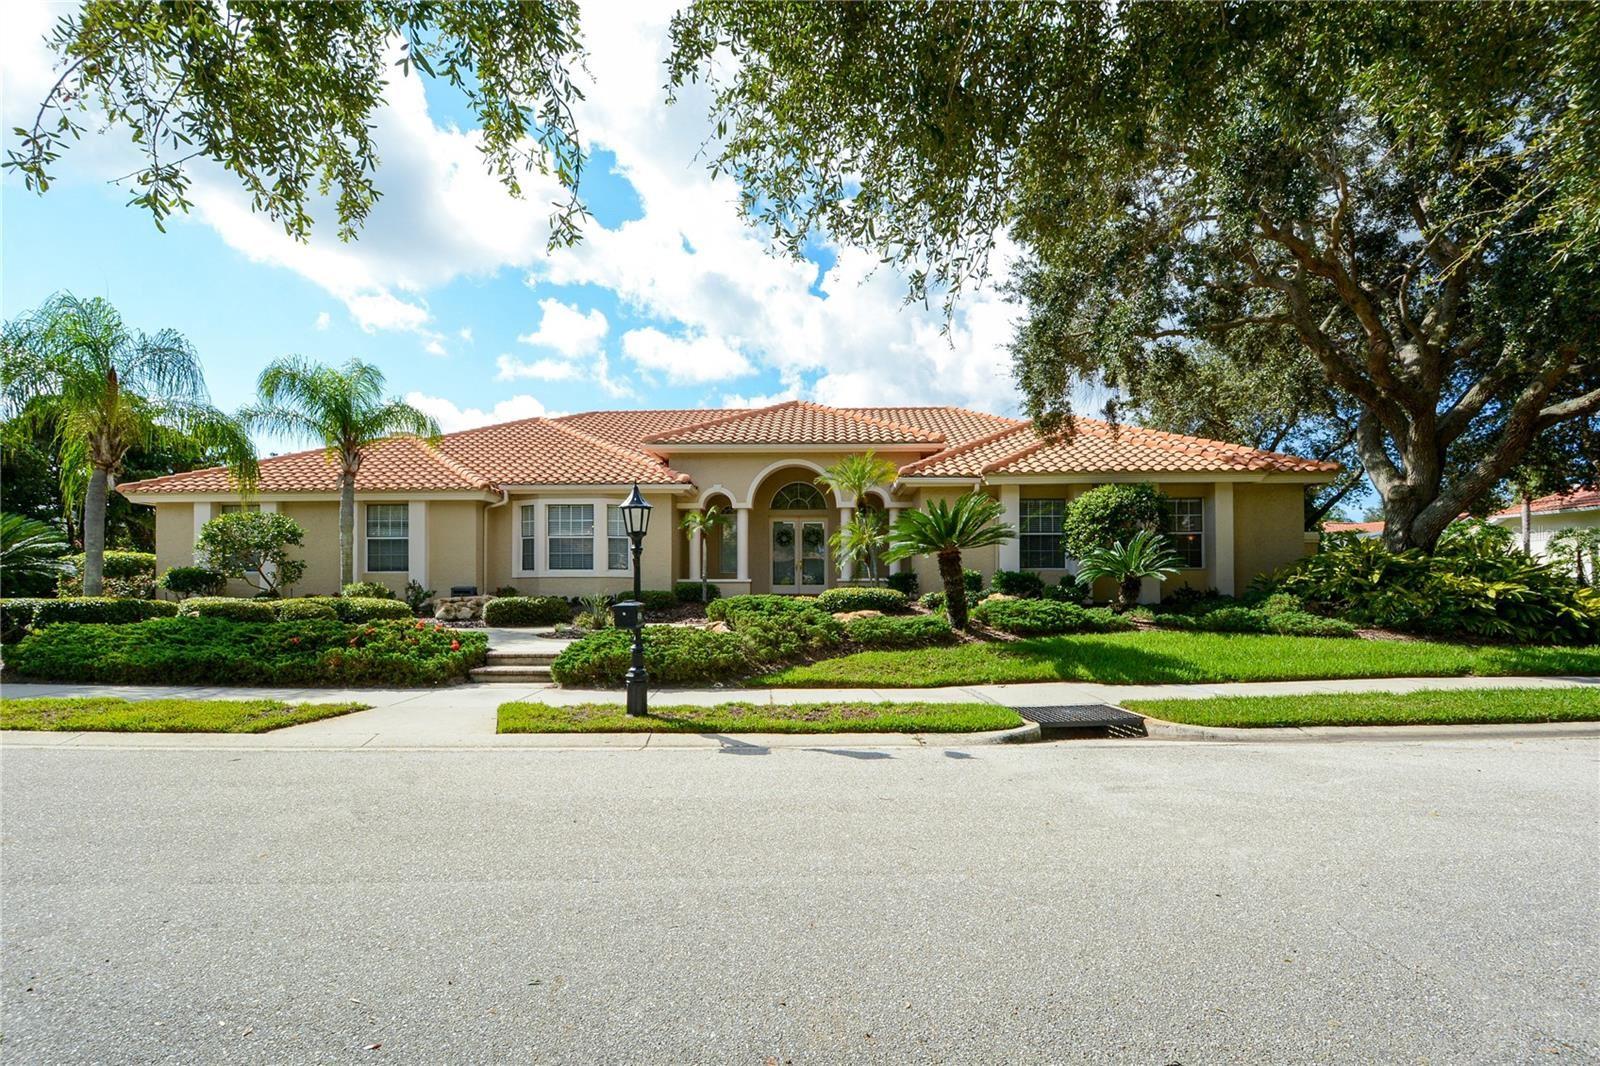 4186 ESCONDITO CIRCLE, Sarasota, FL 34238 - #: A4512553